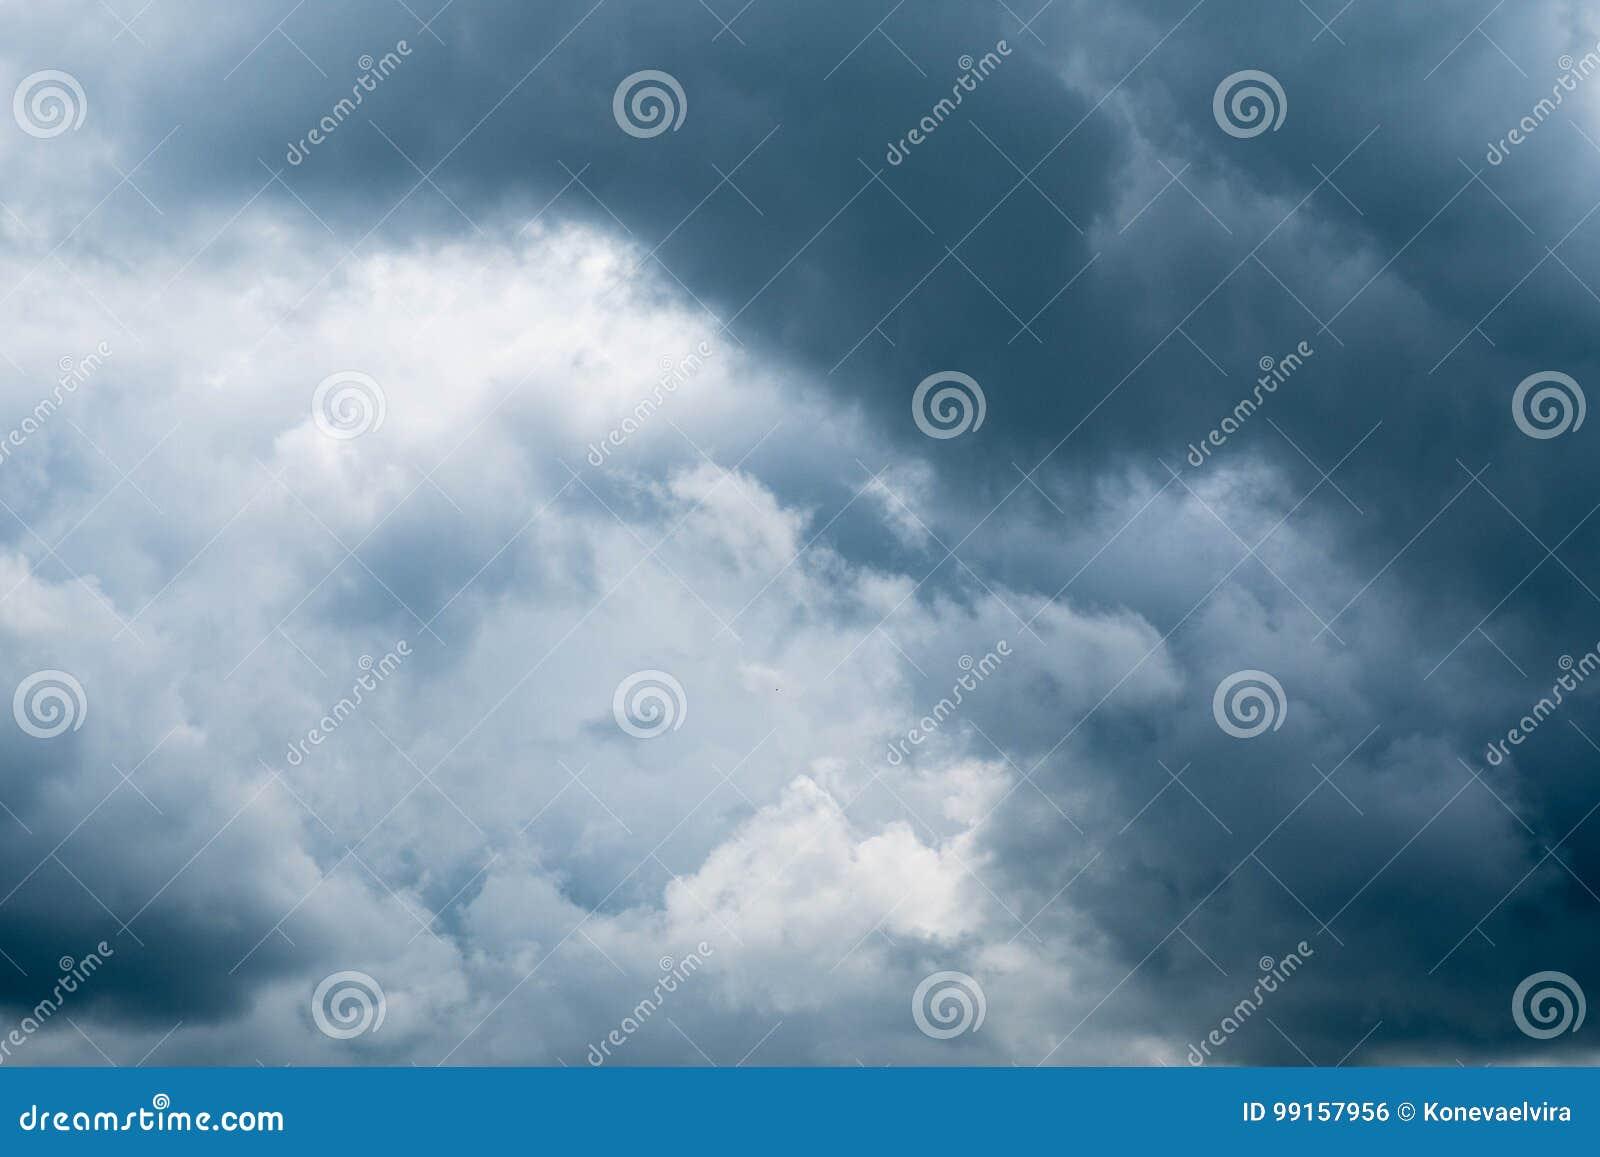 Σκοτεινά σύννεφα θύελλας πριν από τη βροχή Δραματικός ουρανός με τα θυελλώδη σύννεφα